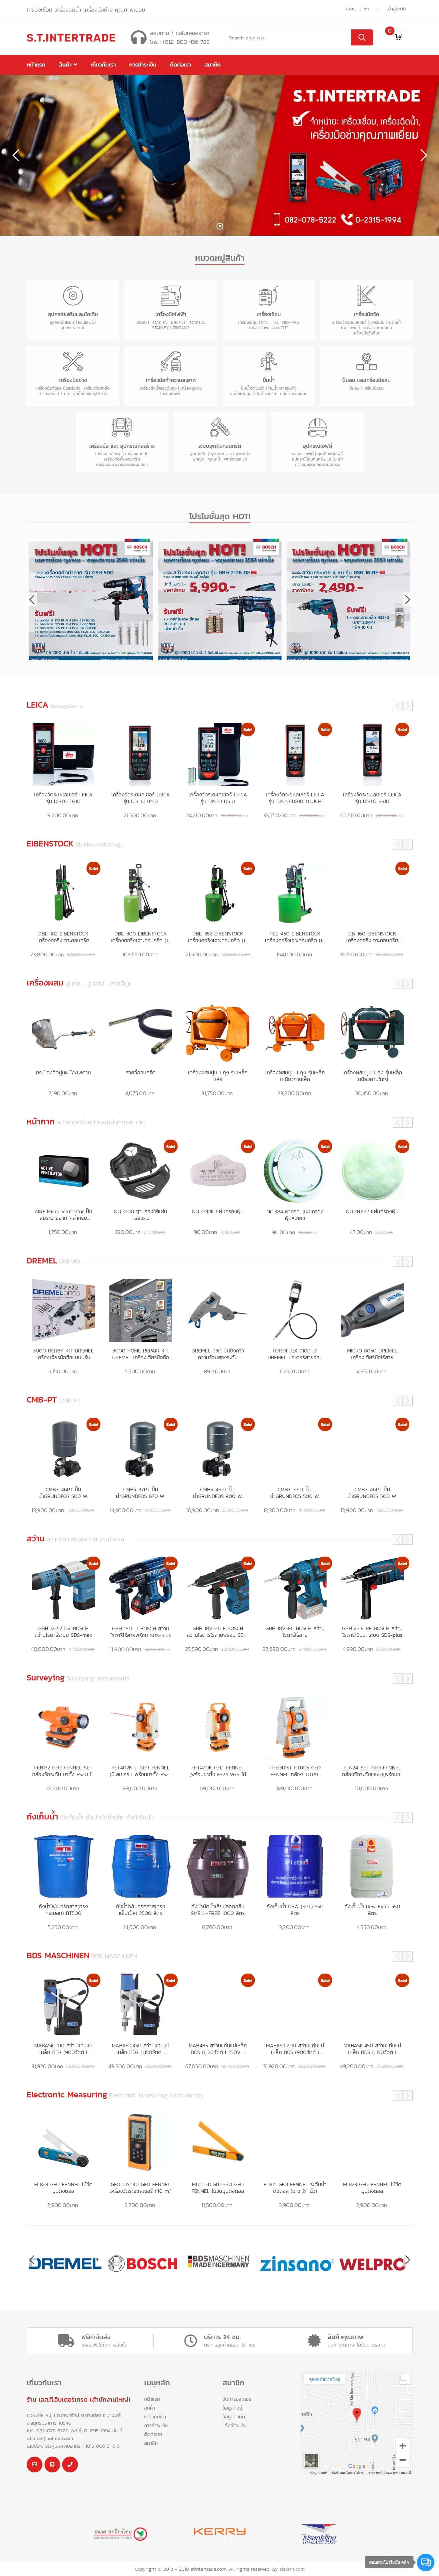 เครื่องมือช่าง | บริการรับทำเว็บไซต์ ออกแบบเว็บไซต์ teeneeweb.com